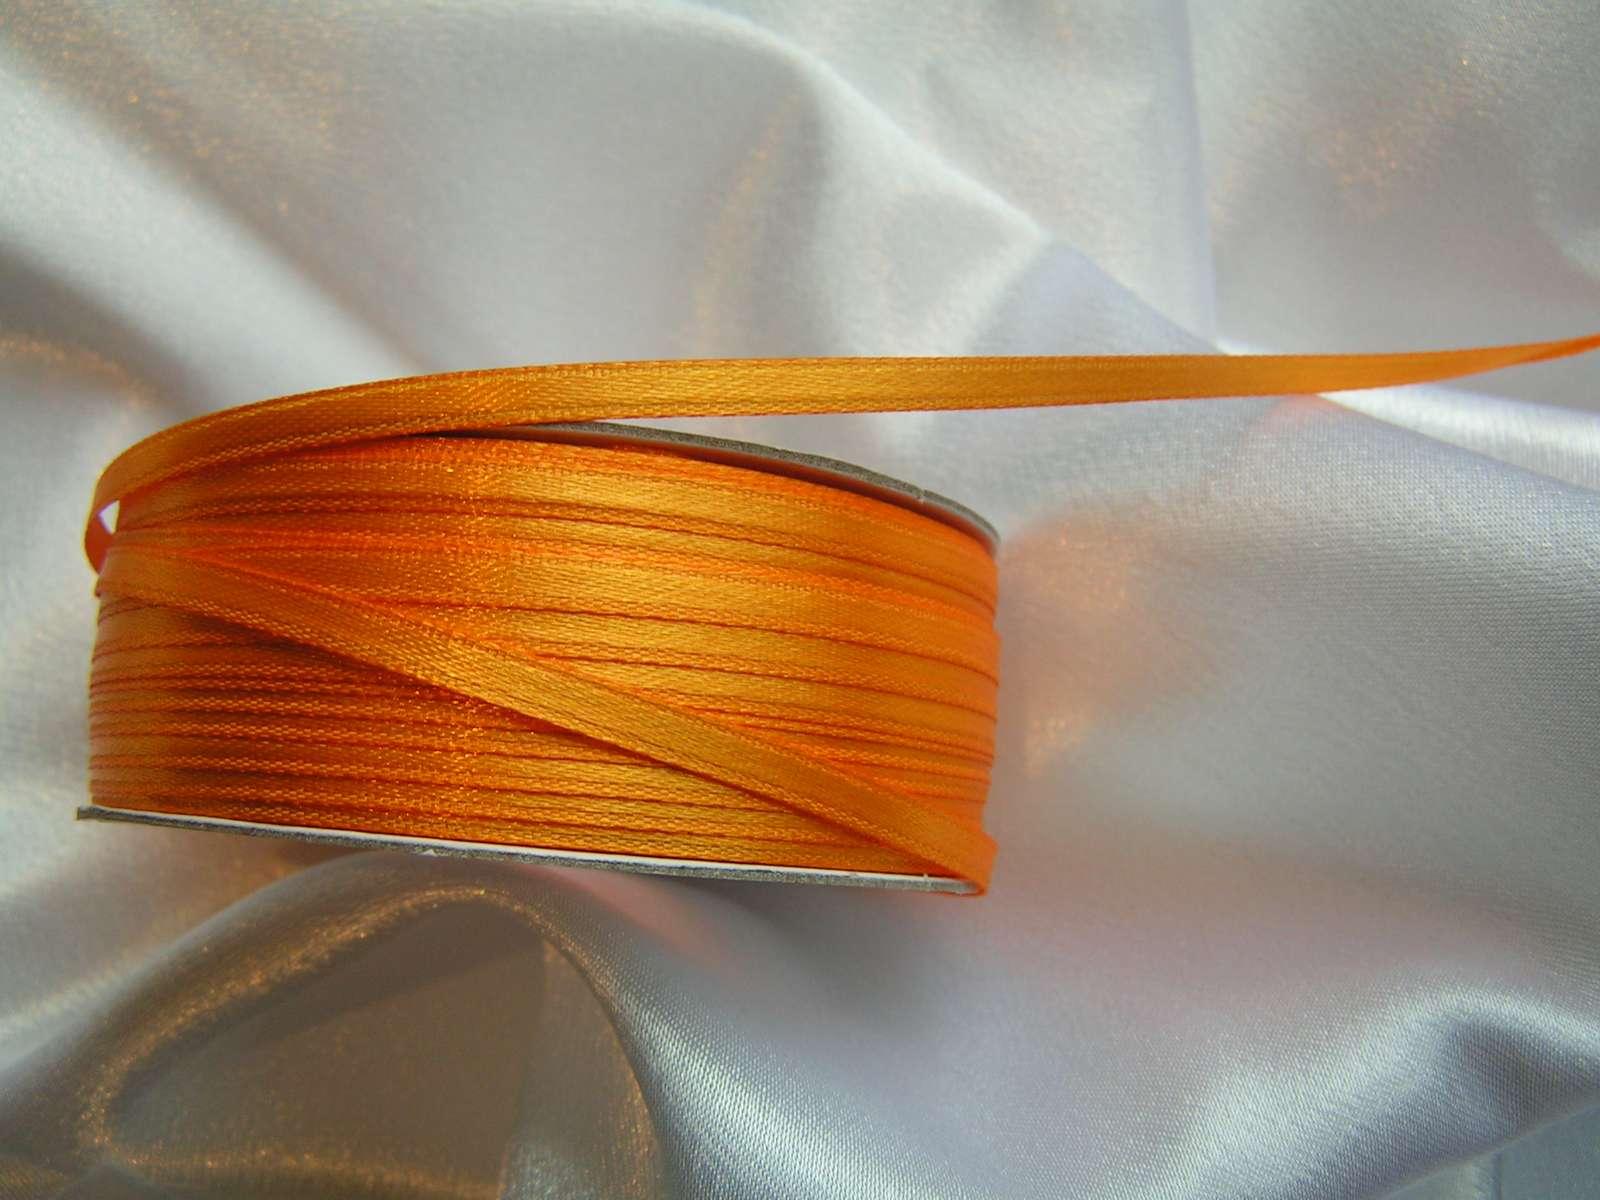 Saténová stuha oranžová 3 mm - Obrázek č. 1